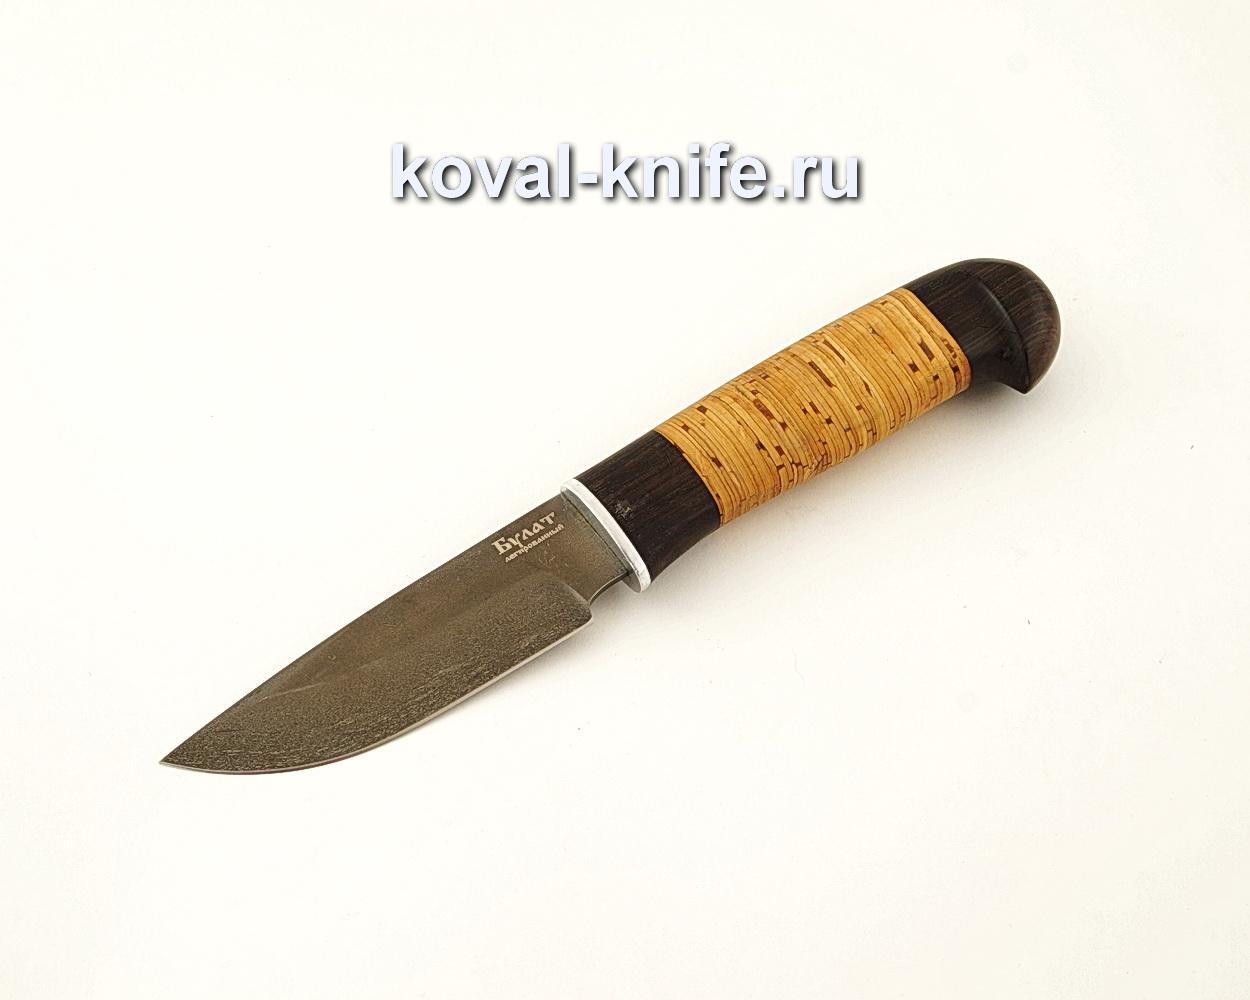 Нож Норвег из булатной стали с рукоятью из бересты и граба  A630